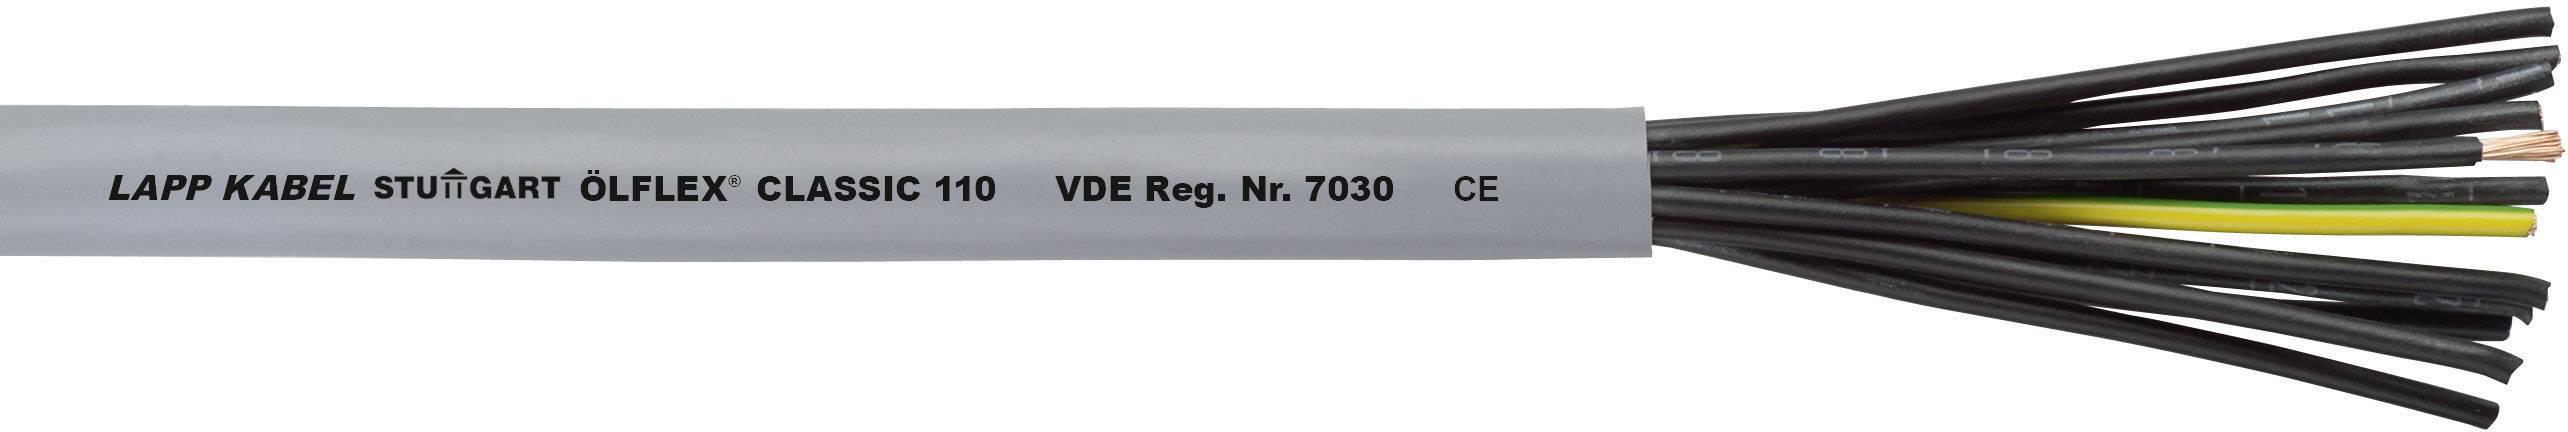 Riadiaci kábel LappKabel ÖLFLEX® CLASSIC 110 1119812, 12 x 0.75 mm², vonkajší Ø 9.90 mm, 500 V, metrový tovar, sivá